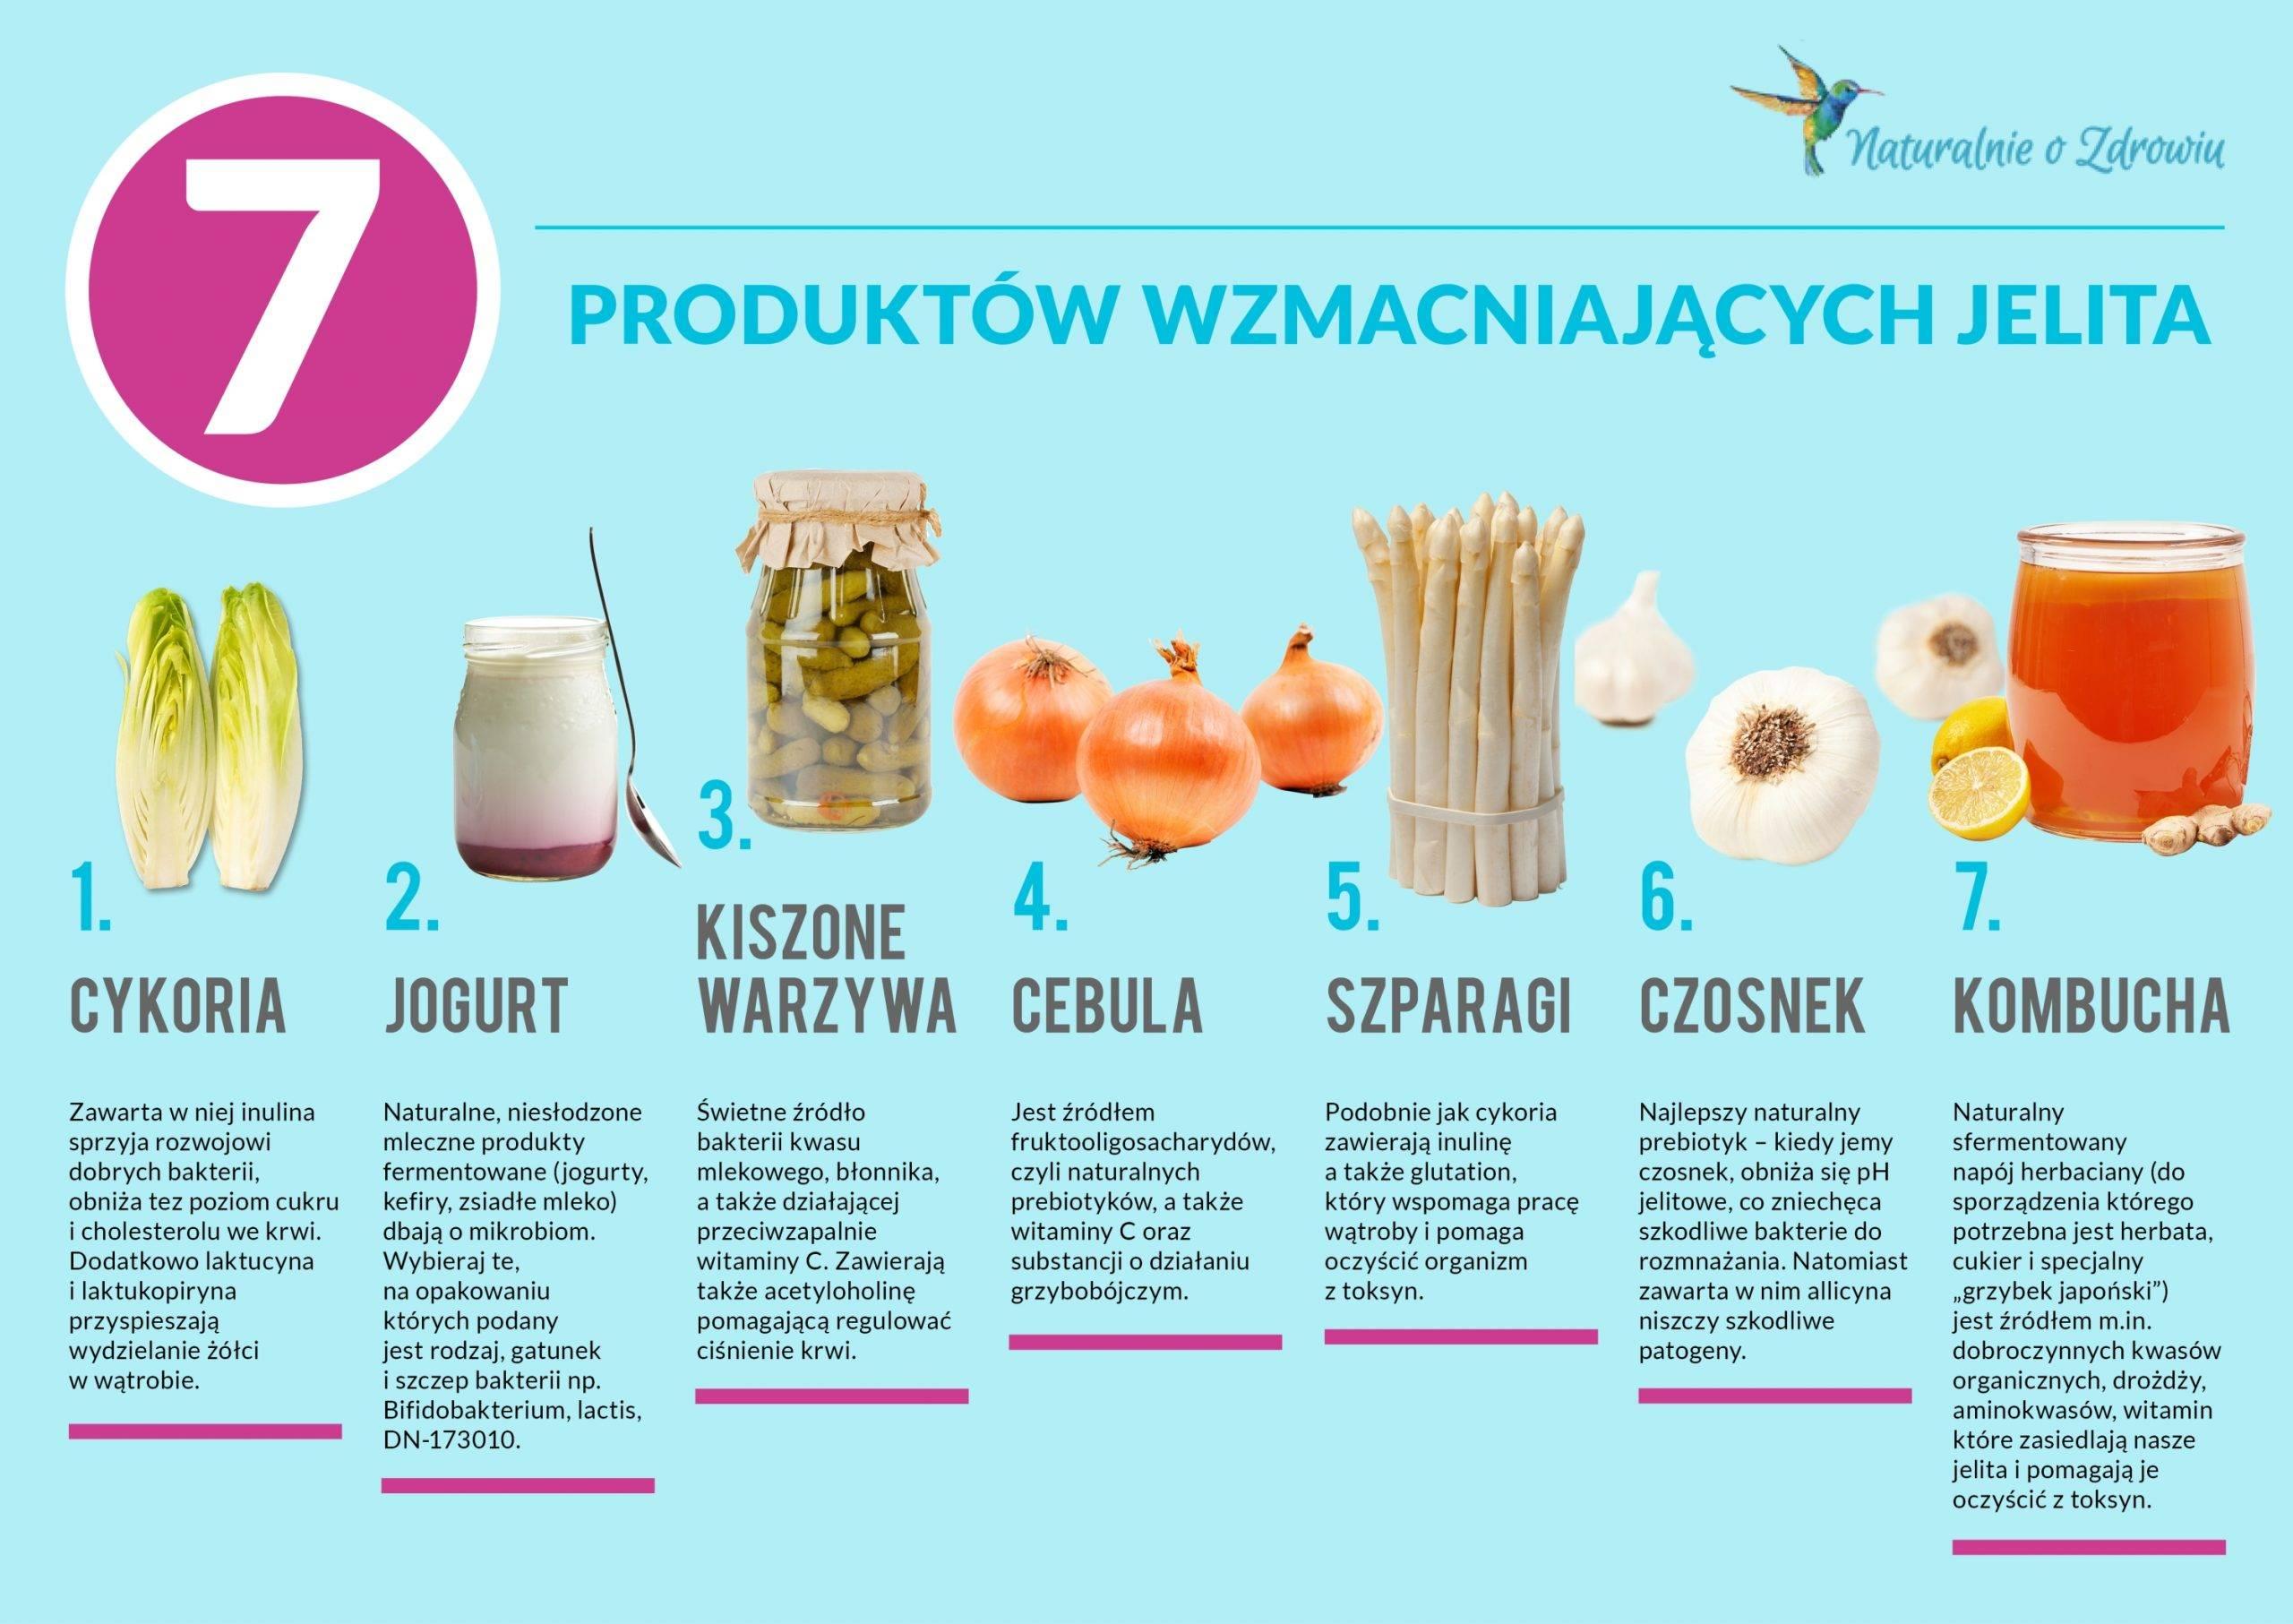 7 produktów wzmacniających jelita.